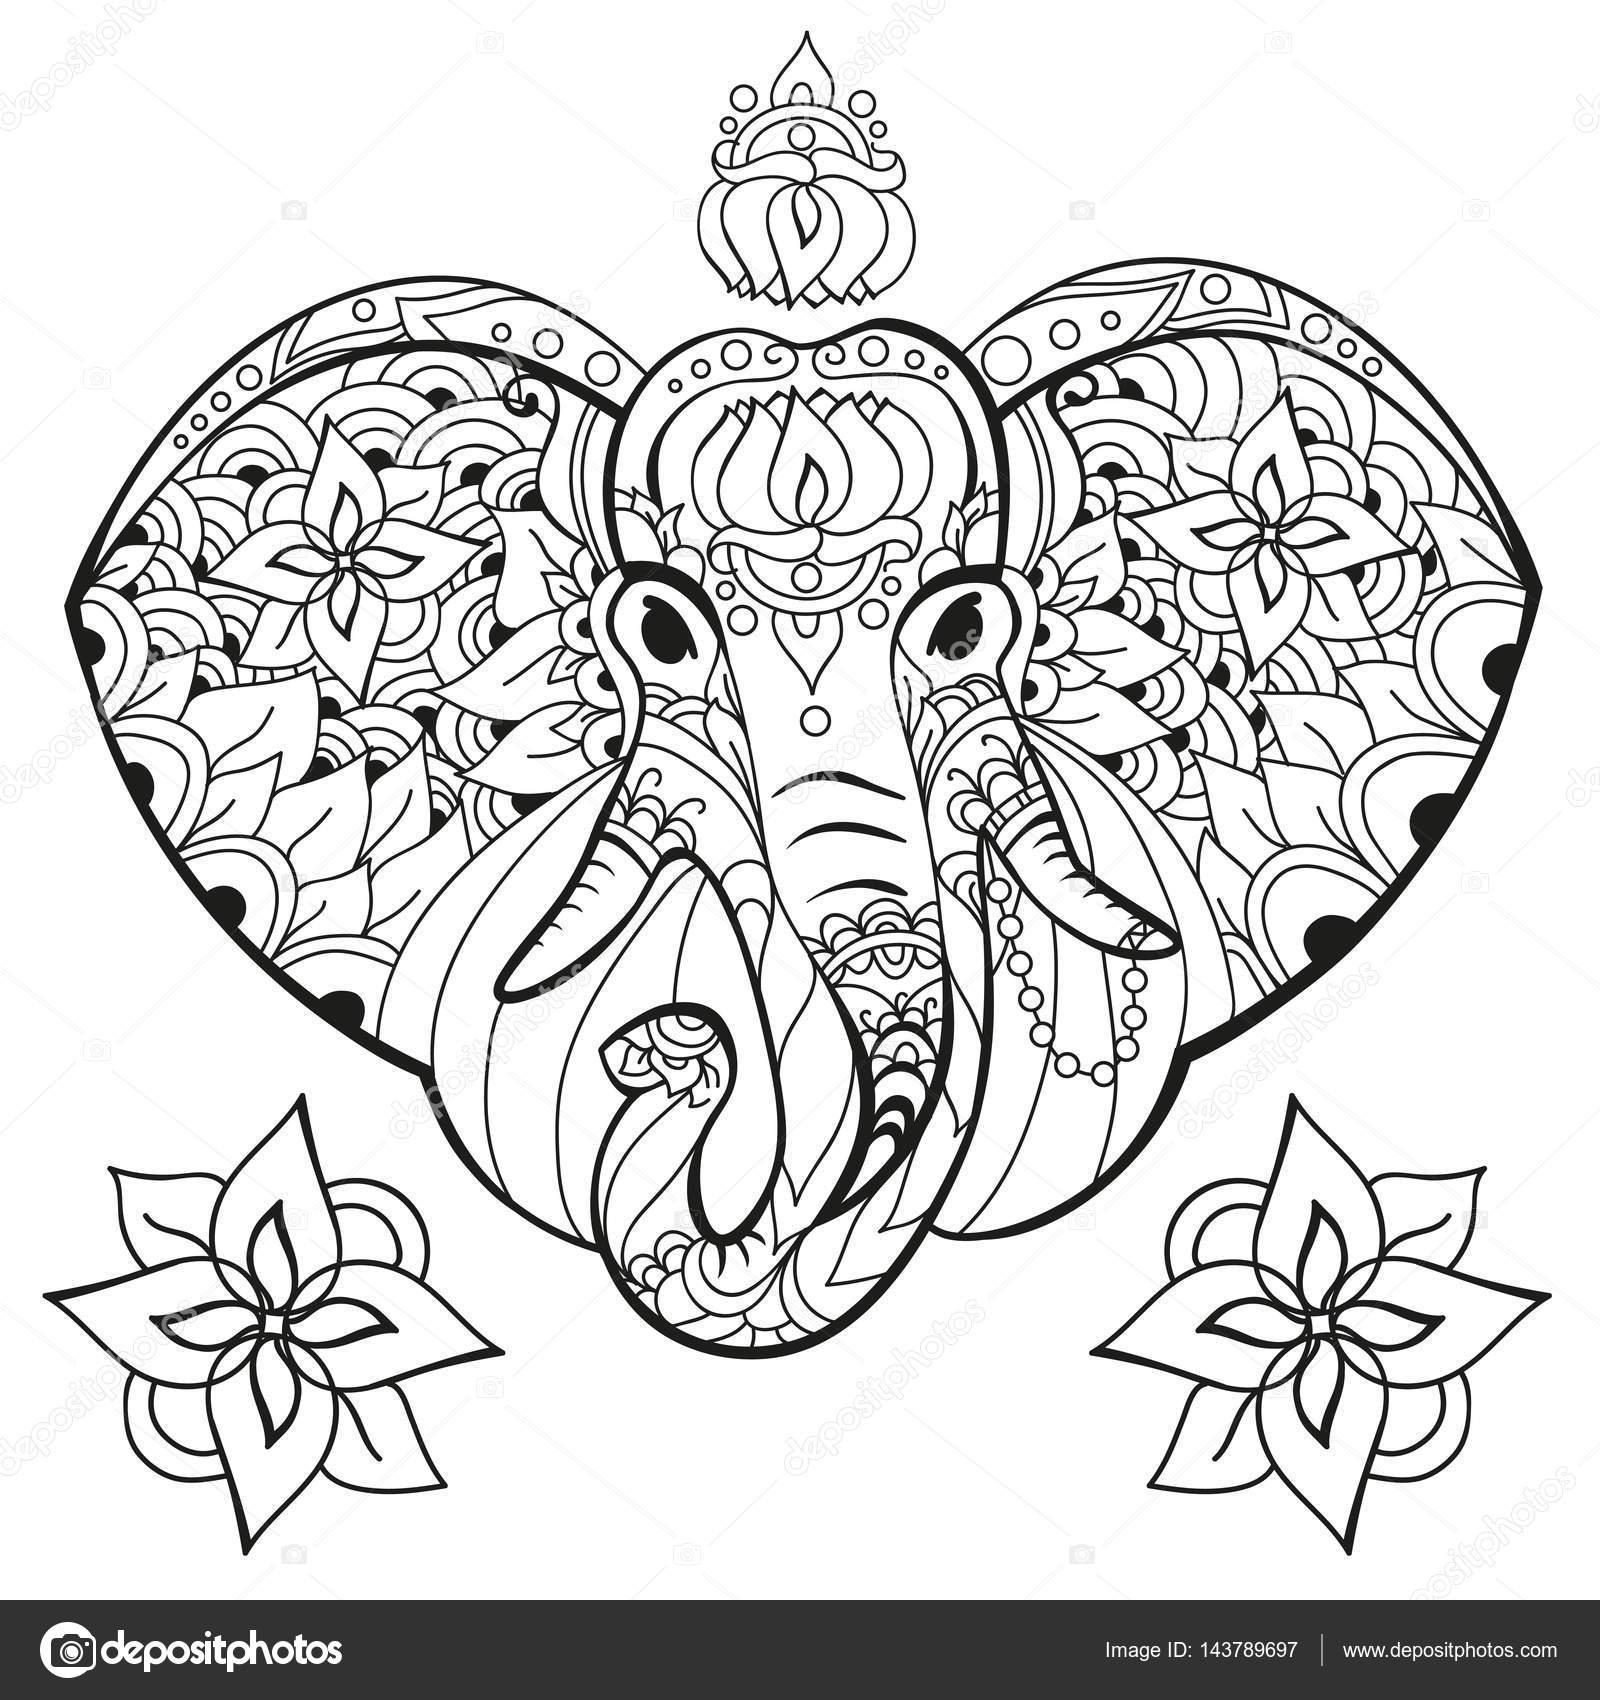 olifant in doodle stijl kleurplaat pagina antistress voor